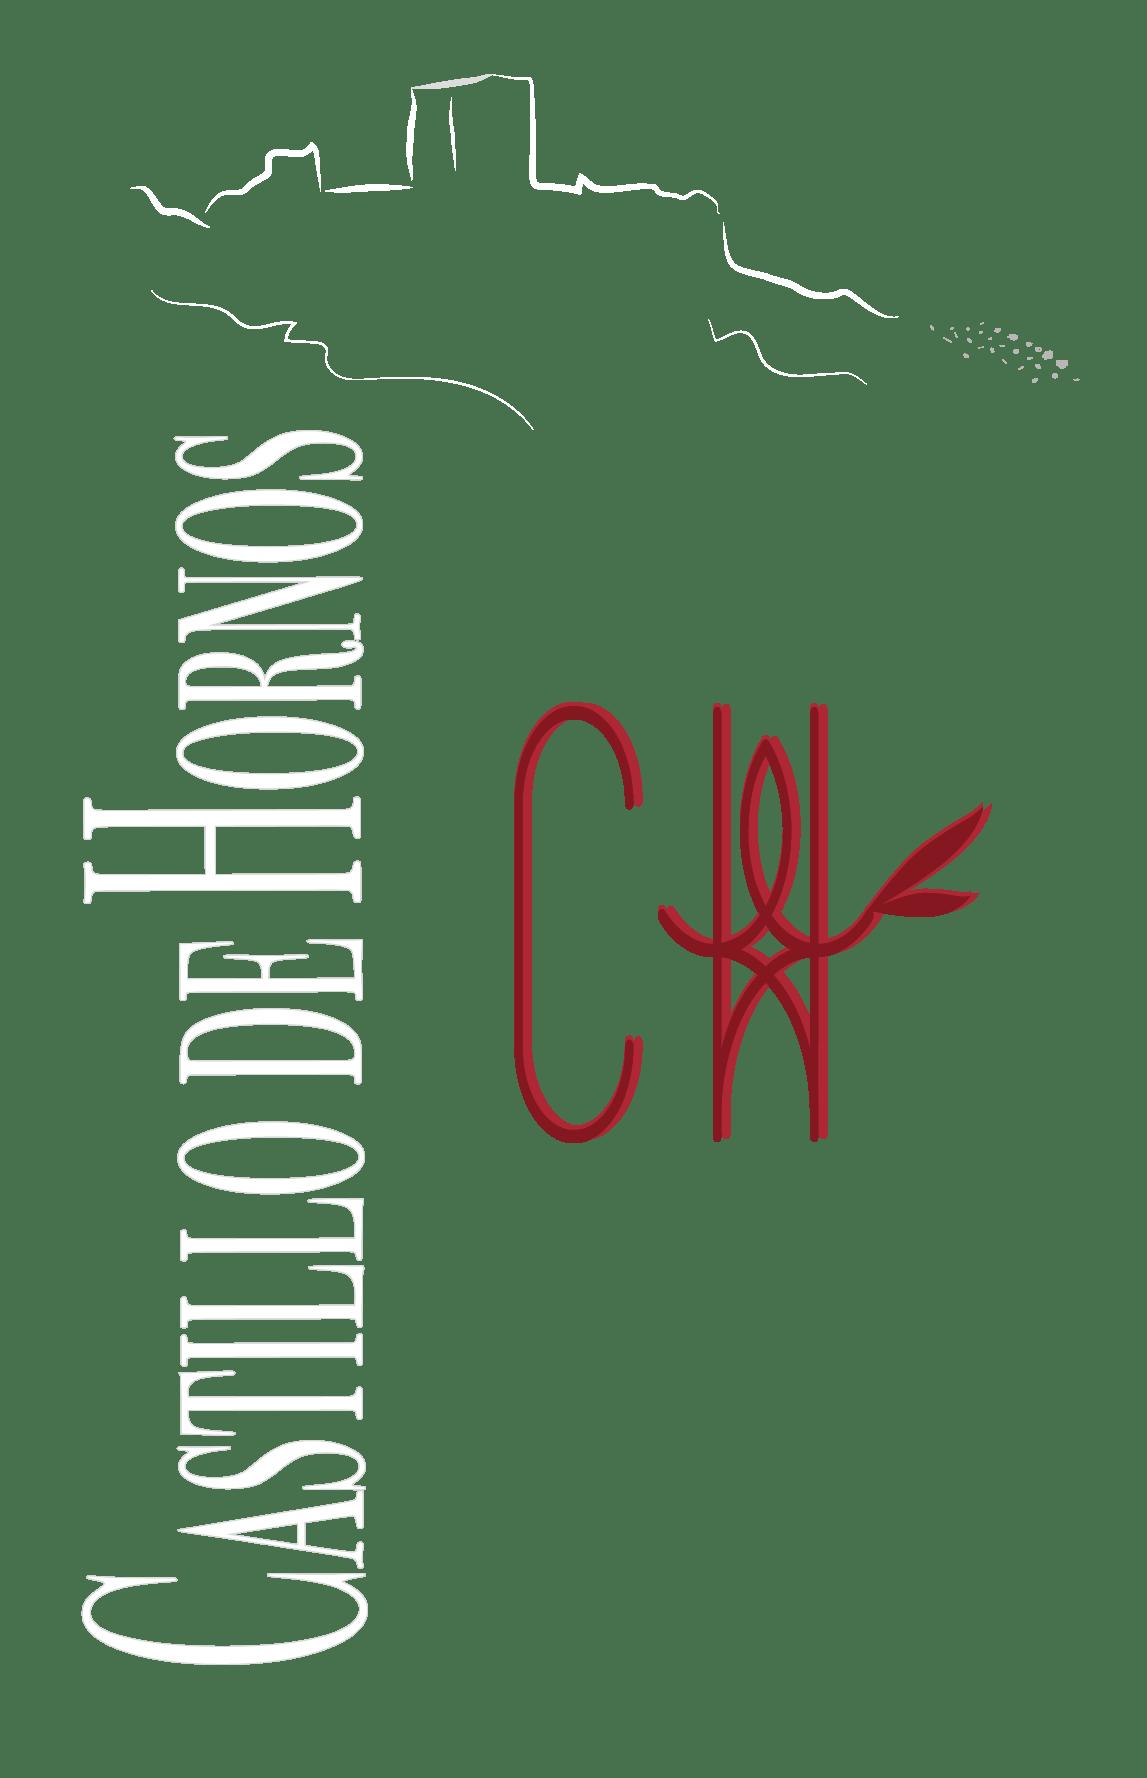 CASTILLODEHORNOSfinal-01-01